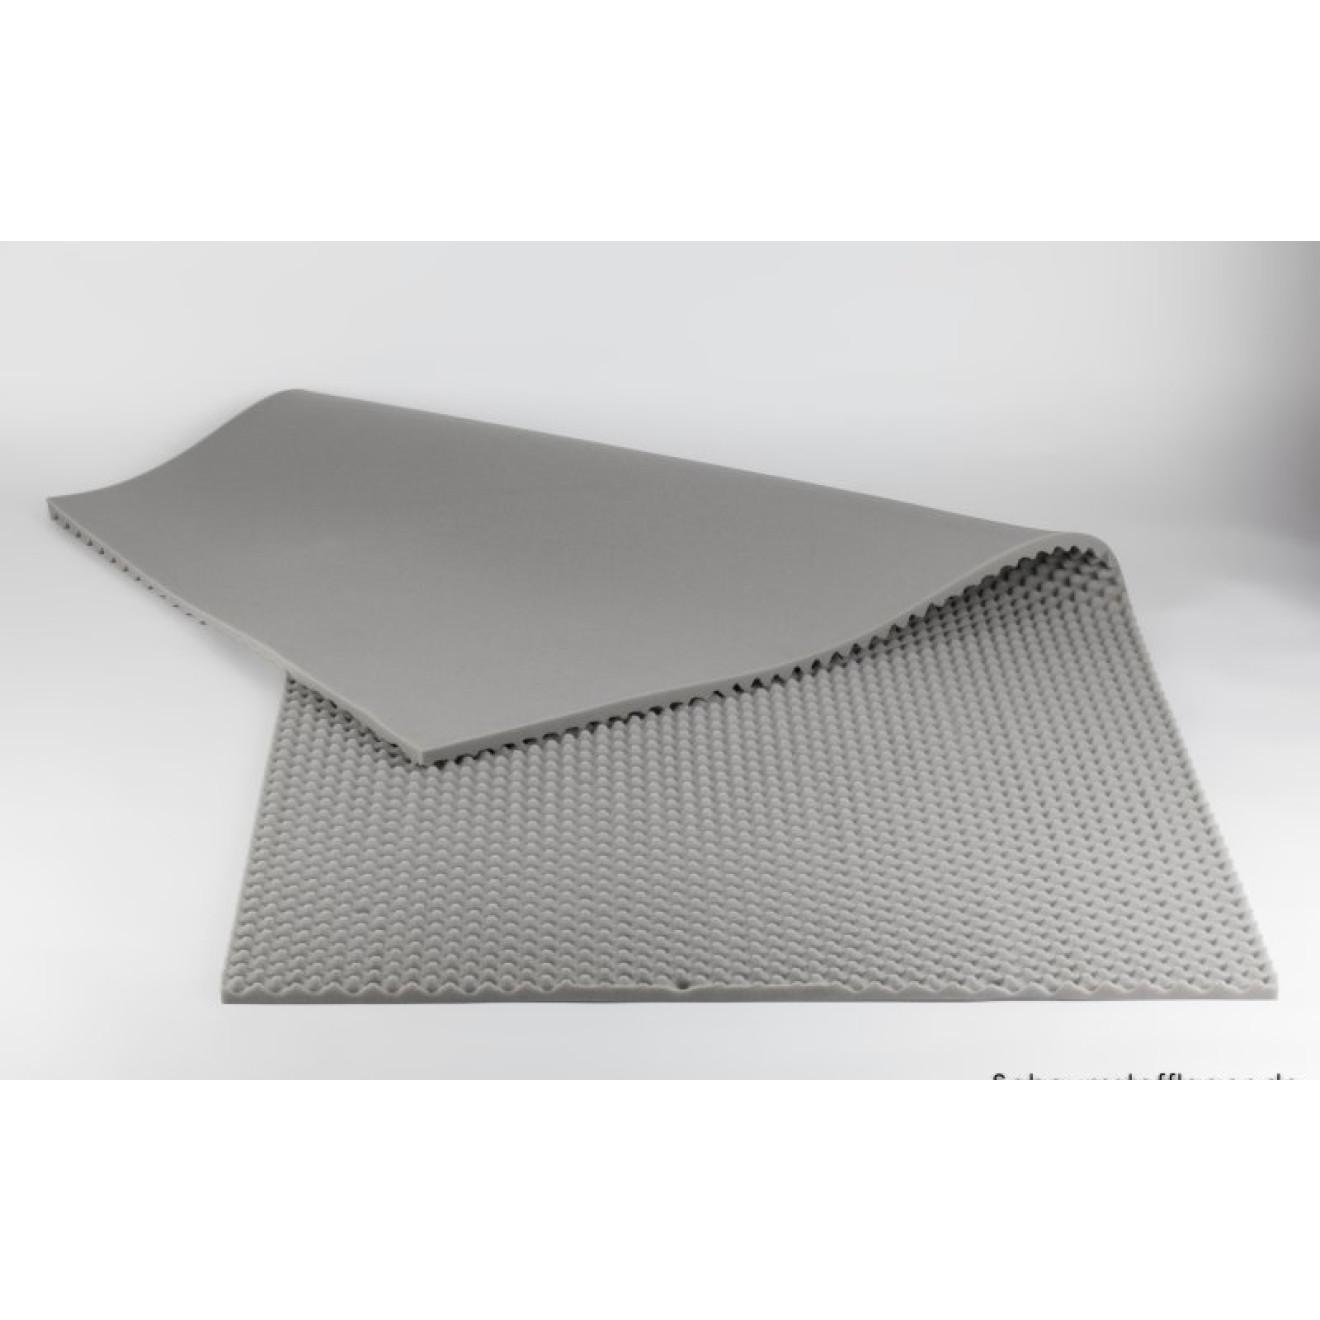 schallschutz noppenschaumstoff direkt hier bestellen. Black Bedroom Furniture Sets. Home Design Ideas